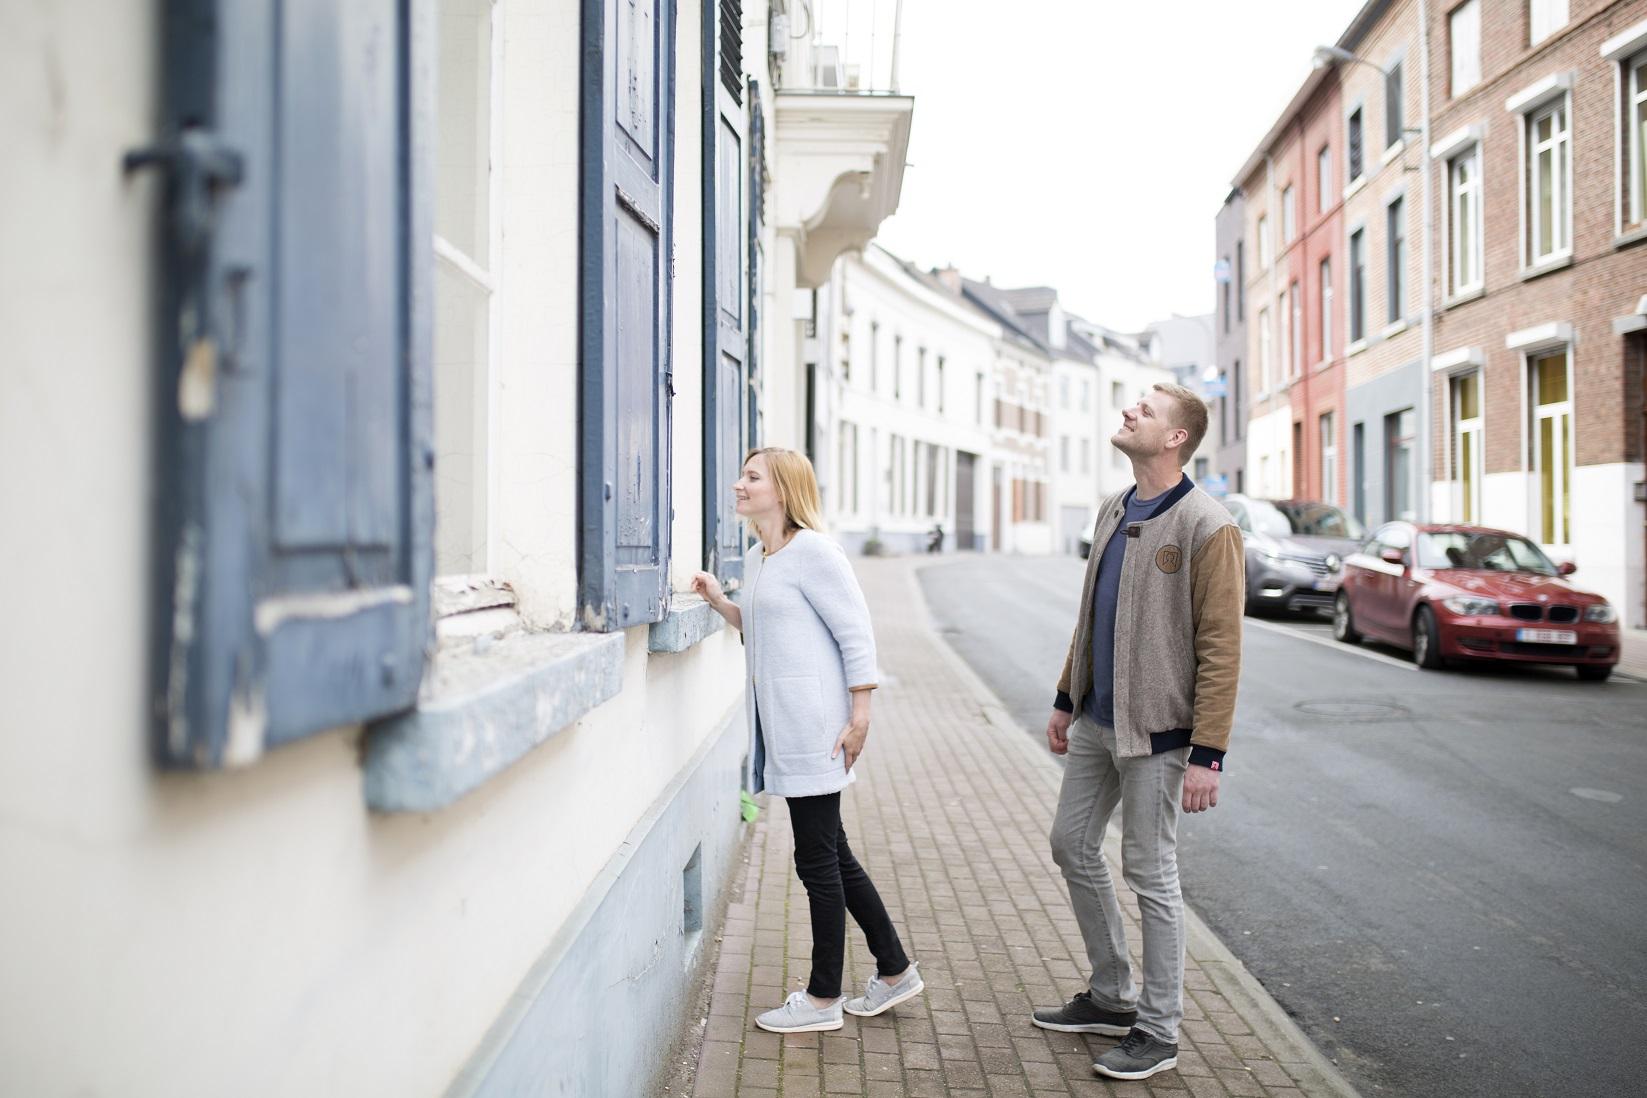 5 malentendus sur l'achat d'un bien immobilier (vidéo)